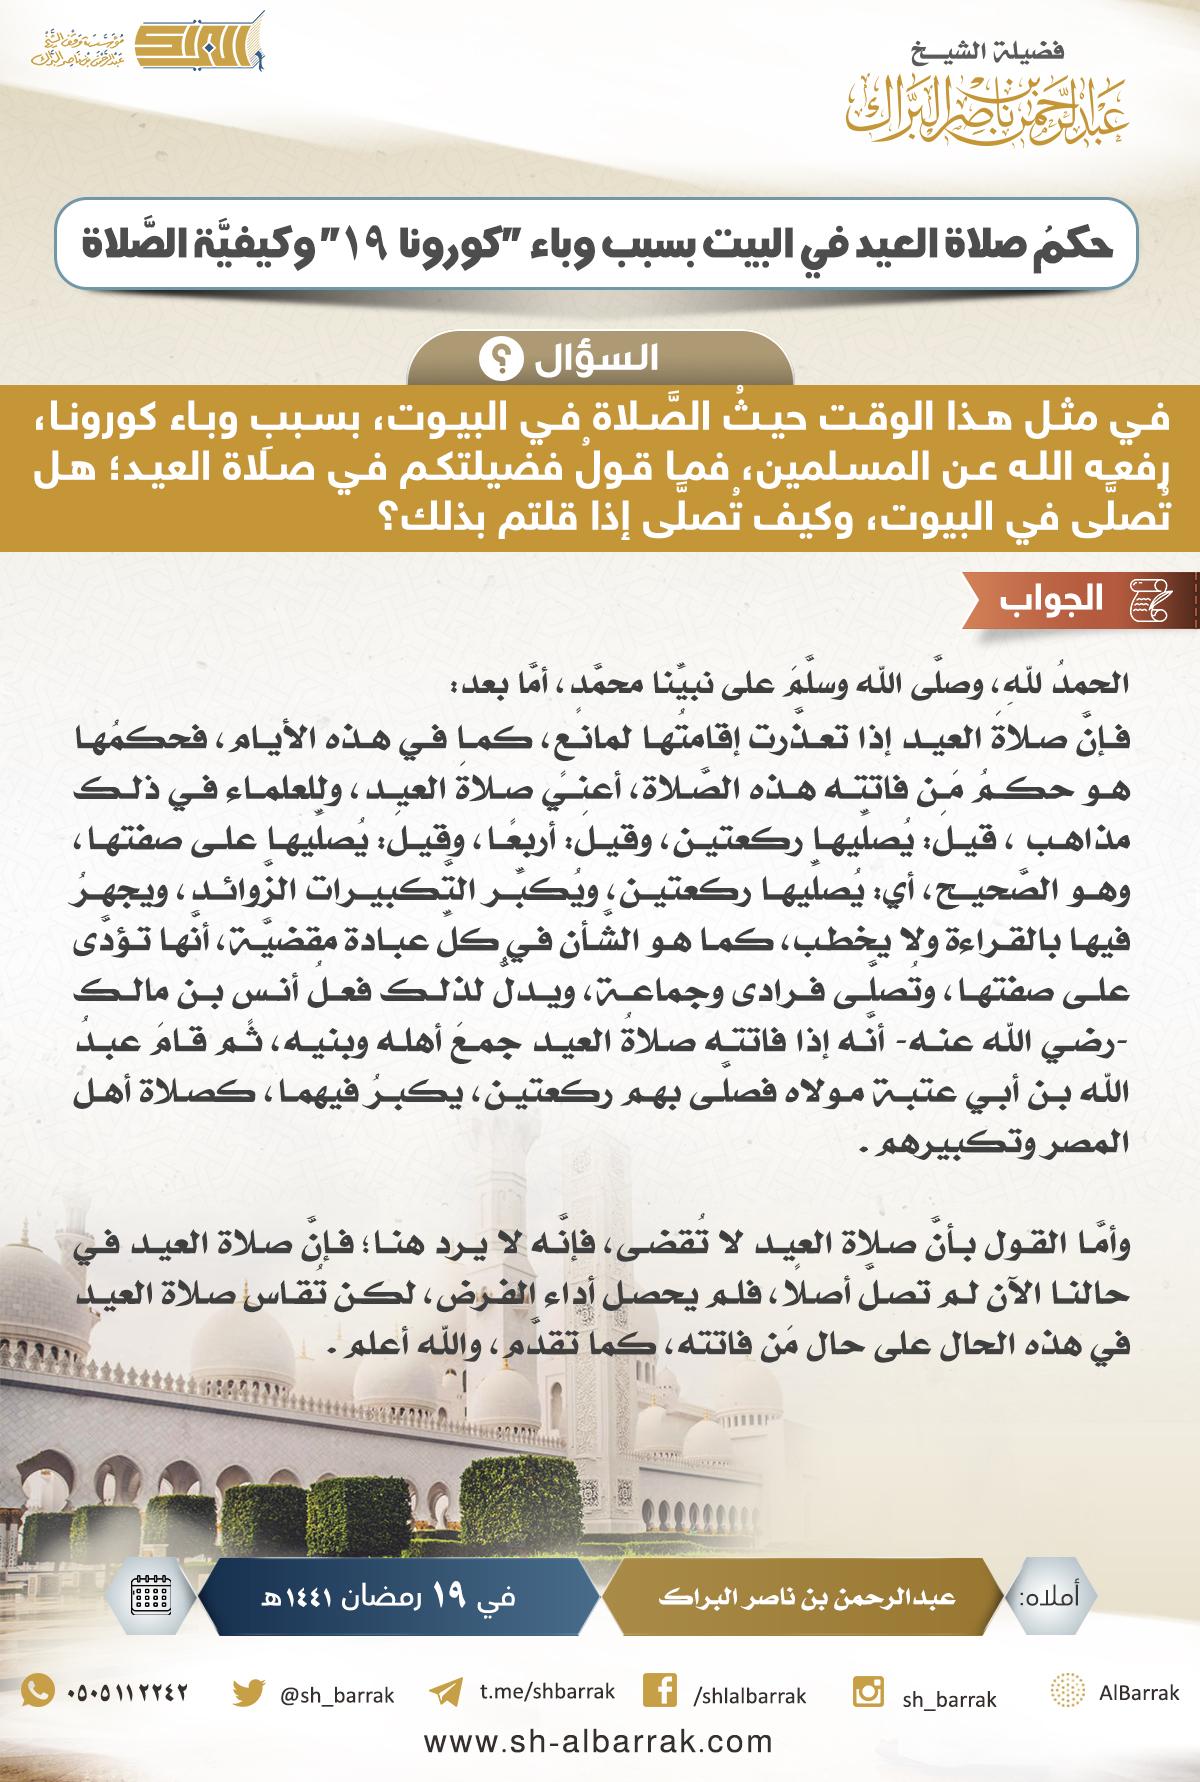 حكم صلاة العيد في البيت بسبب وباء كورونا 19 وكيفية الصلاة الموقع الرسمي لفضيلة الشيخ عبد الرحمن بن ناصر البراك